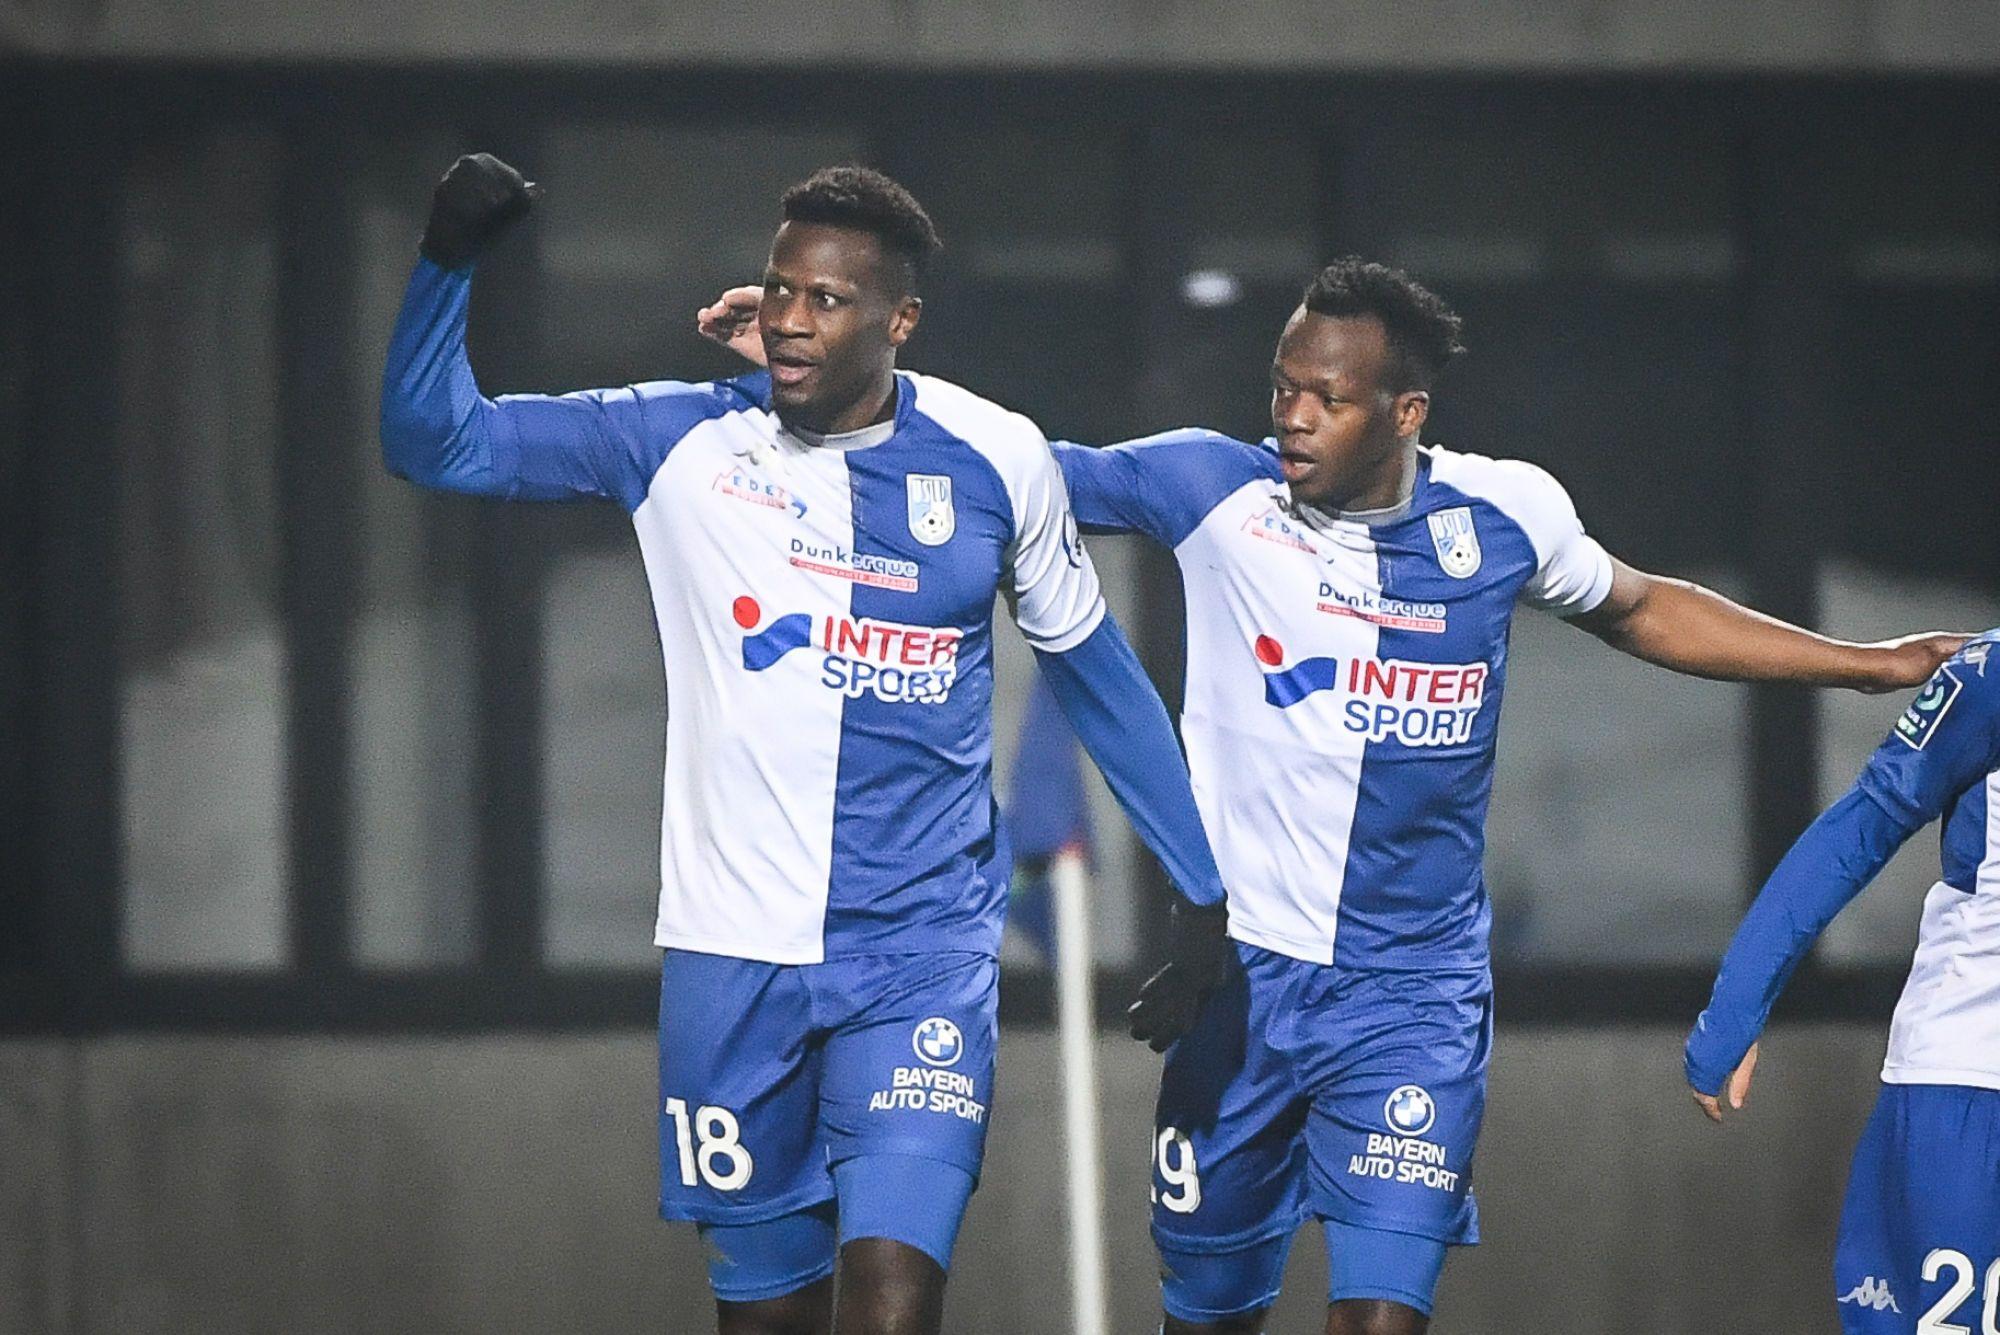 [VIDÉO] Le doublé de Malik Tchokounté contre Ajaccio ce week-end